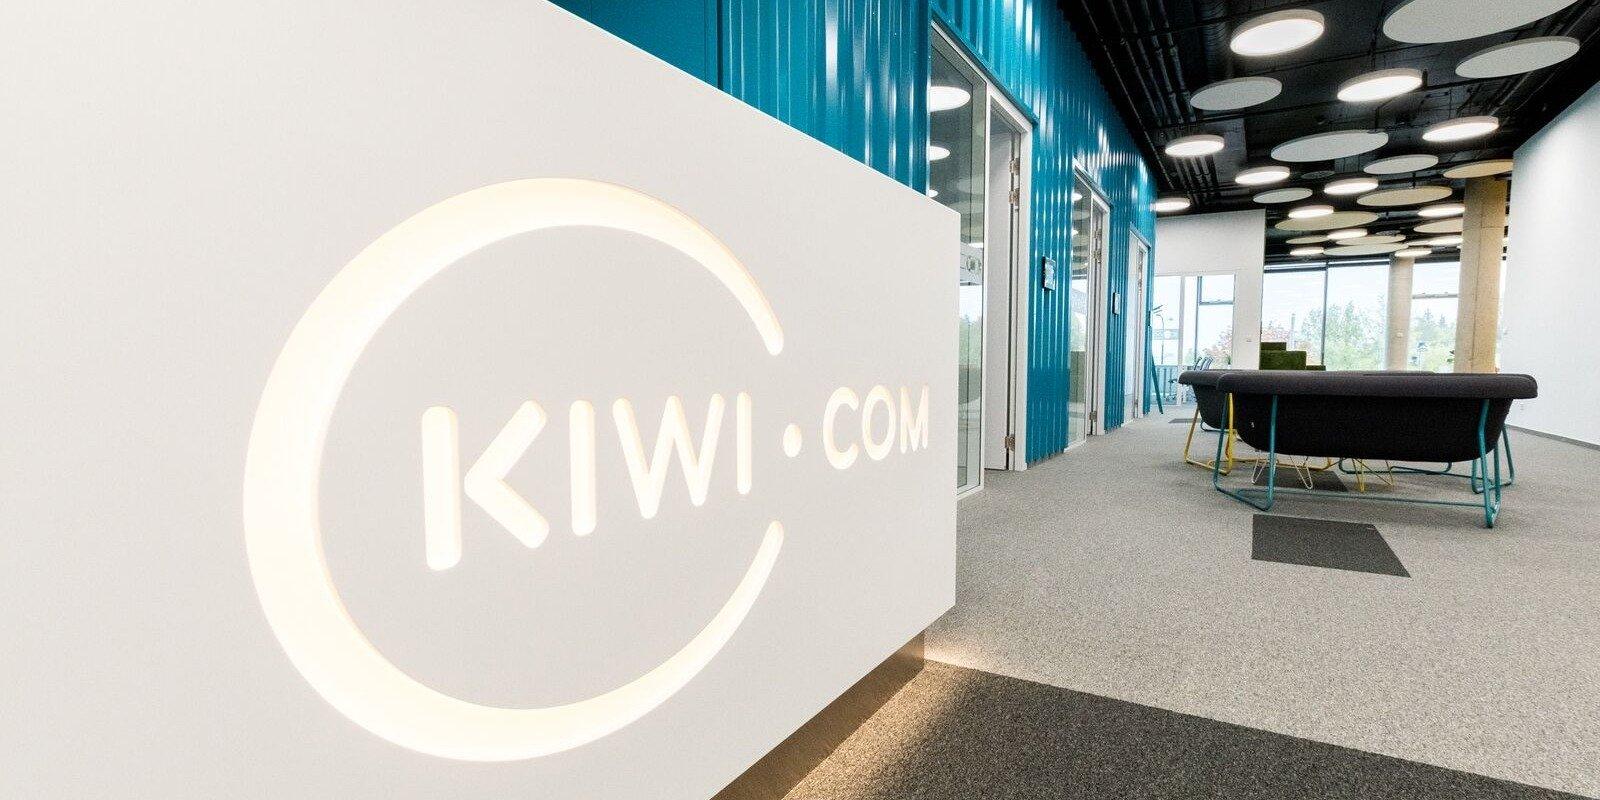 Sabre nawiązało globalną współpracę z Kiwi.com. Celem m.in. wsparcie personalizacji usług